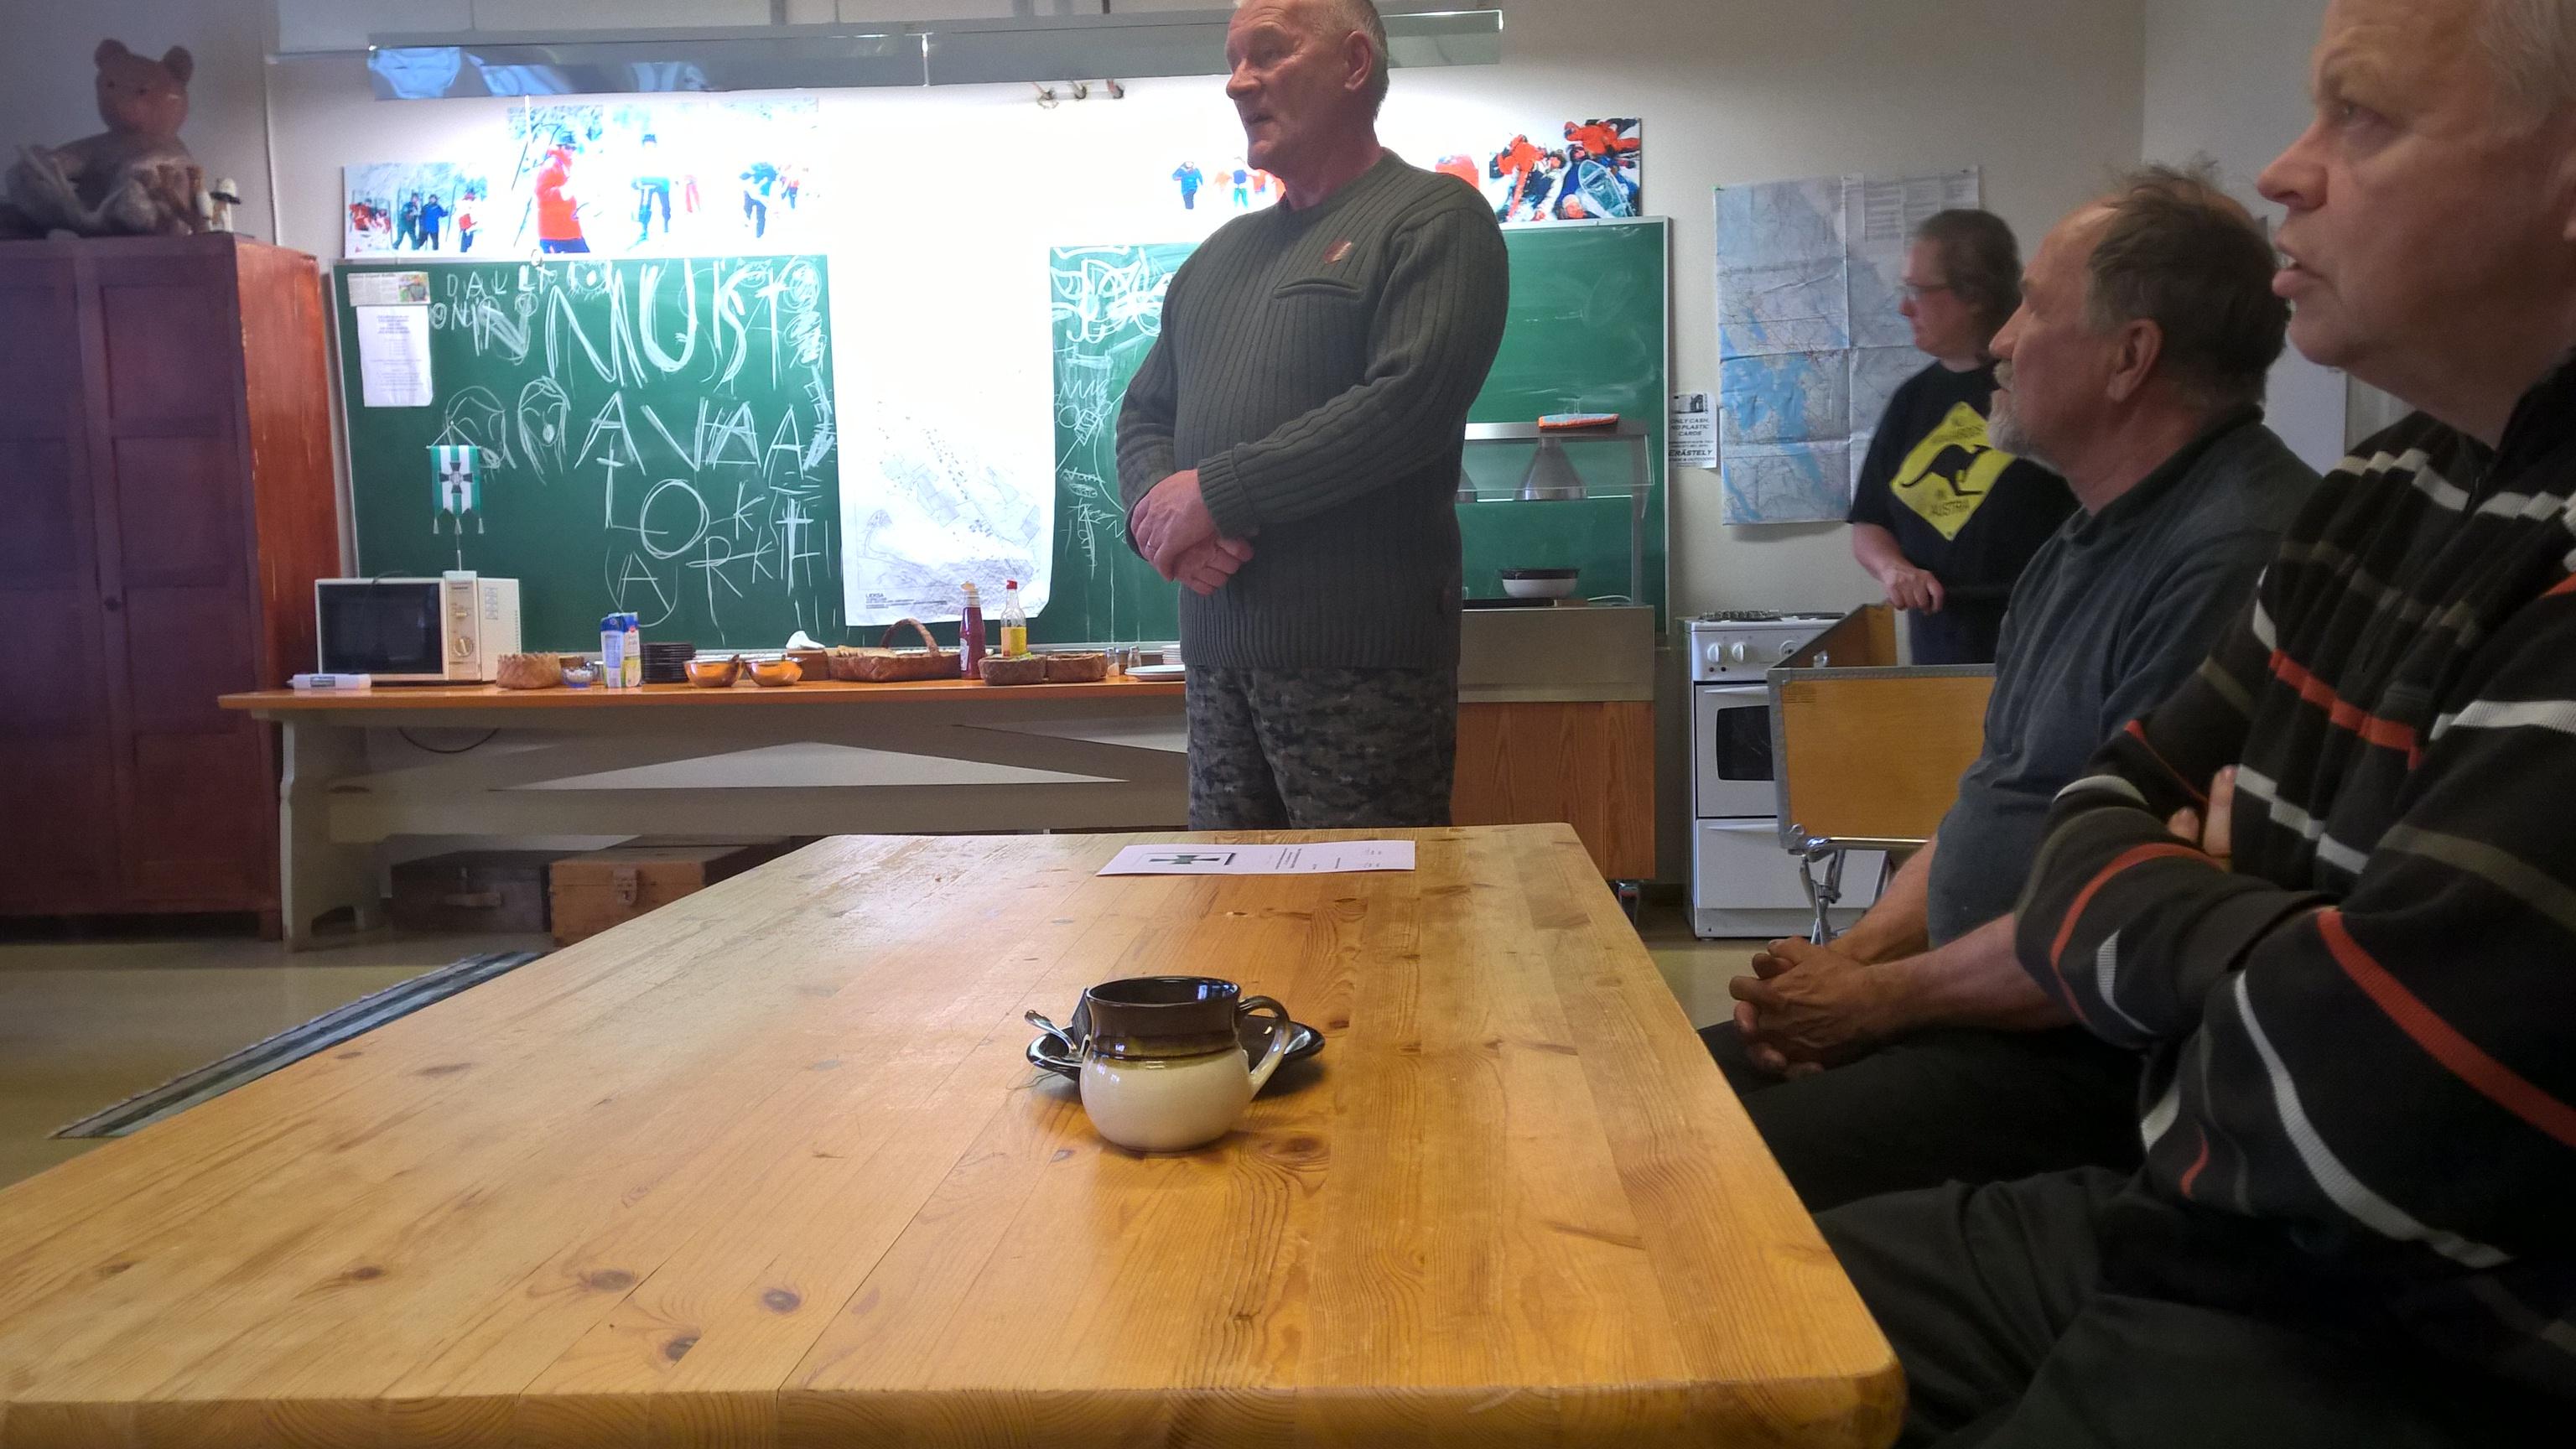 Tauno Oksanen piti esitykset Rukajärven pioneeritoiminnasta ja Salpalinjan rakentamisesta, jollaista juuri tällä kertausharjoituskurssilla kunnostetaan.